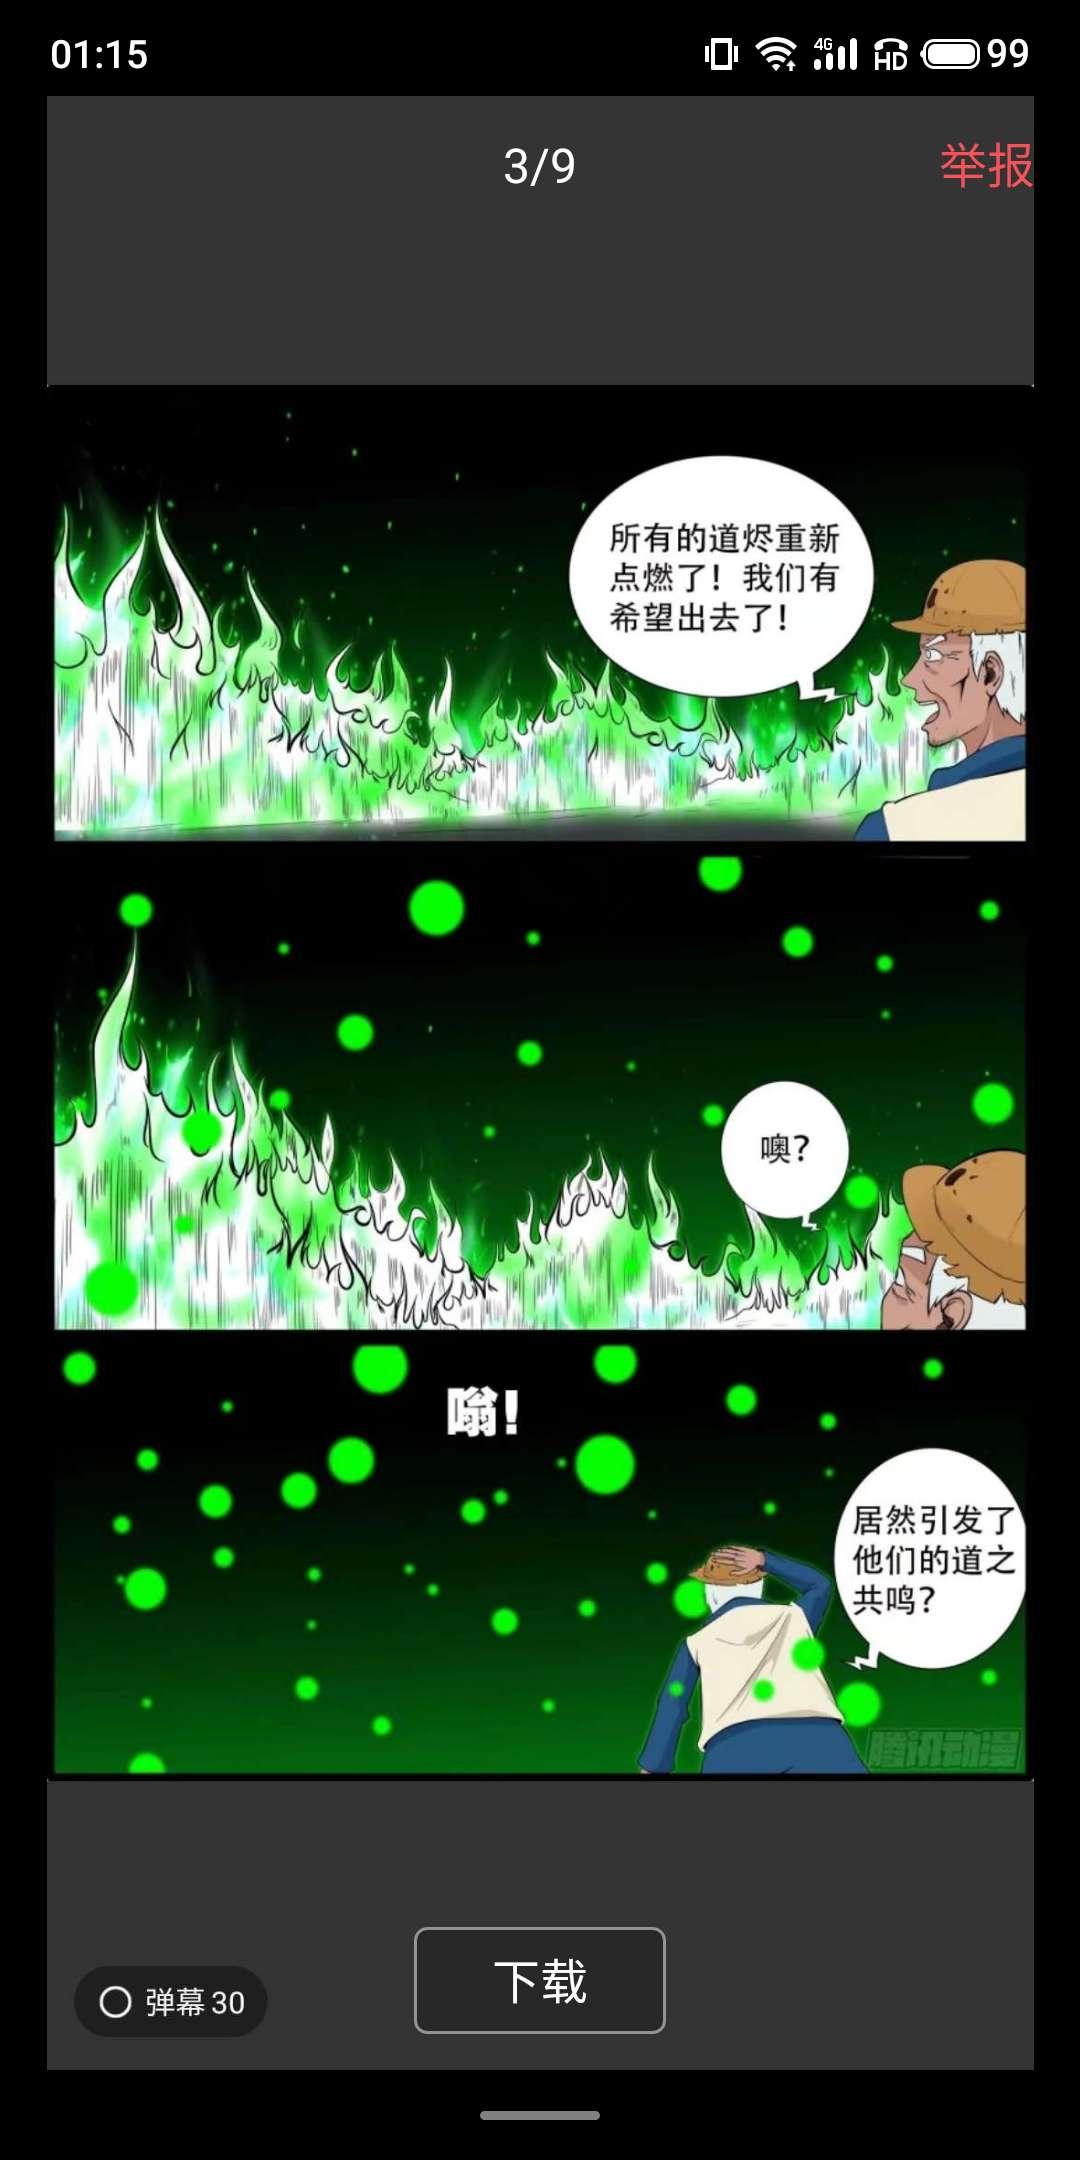 【漫画更新】我为苍生502~503